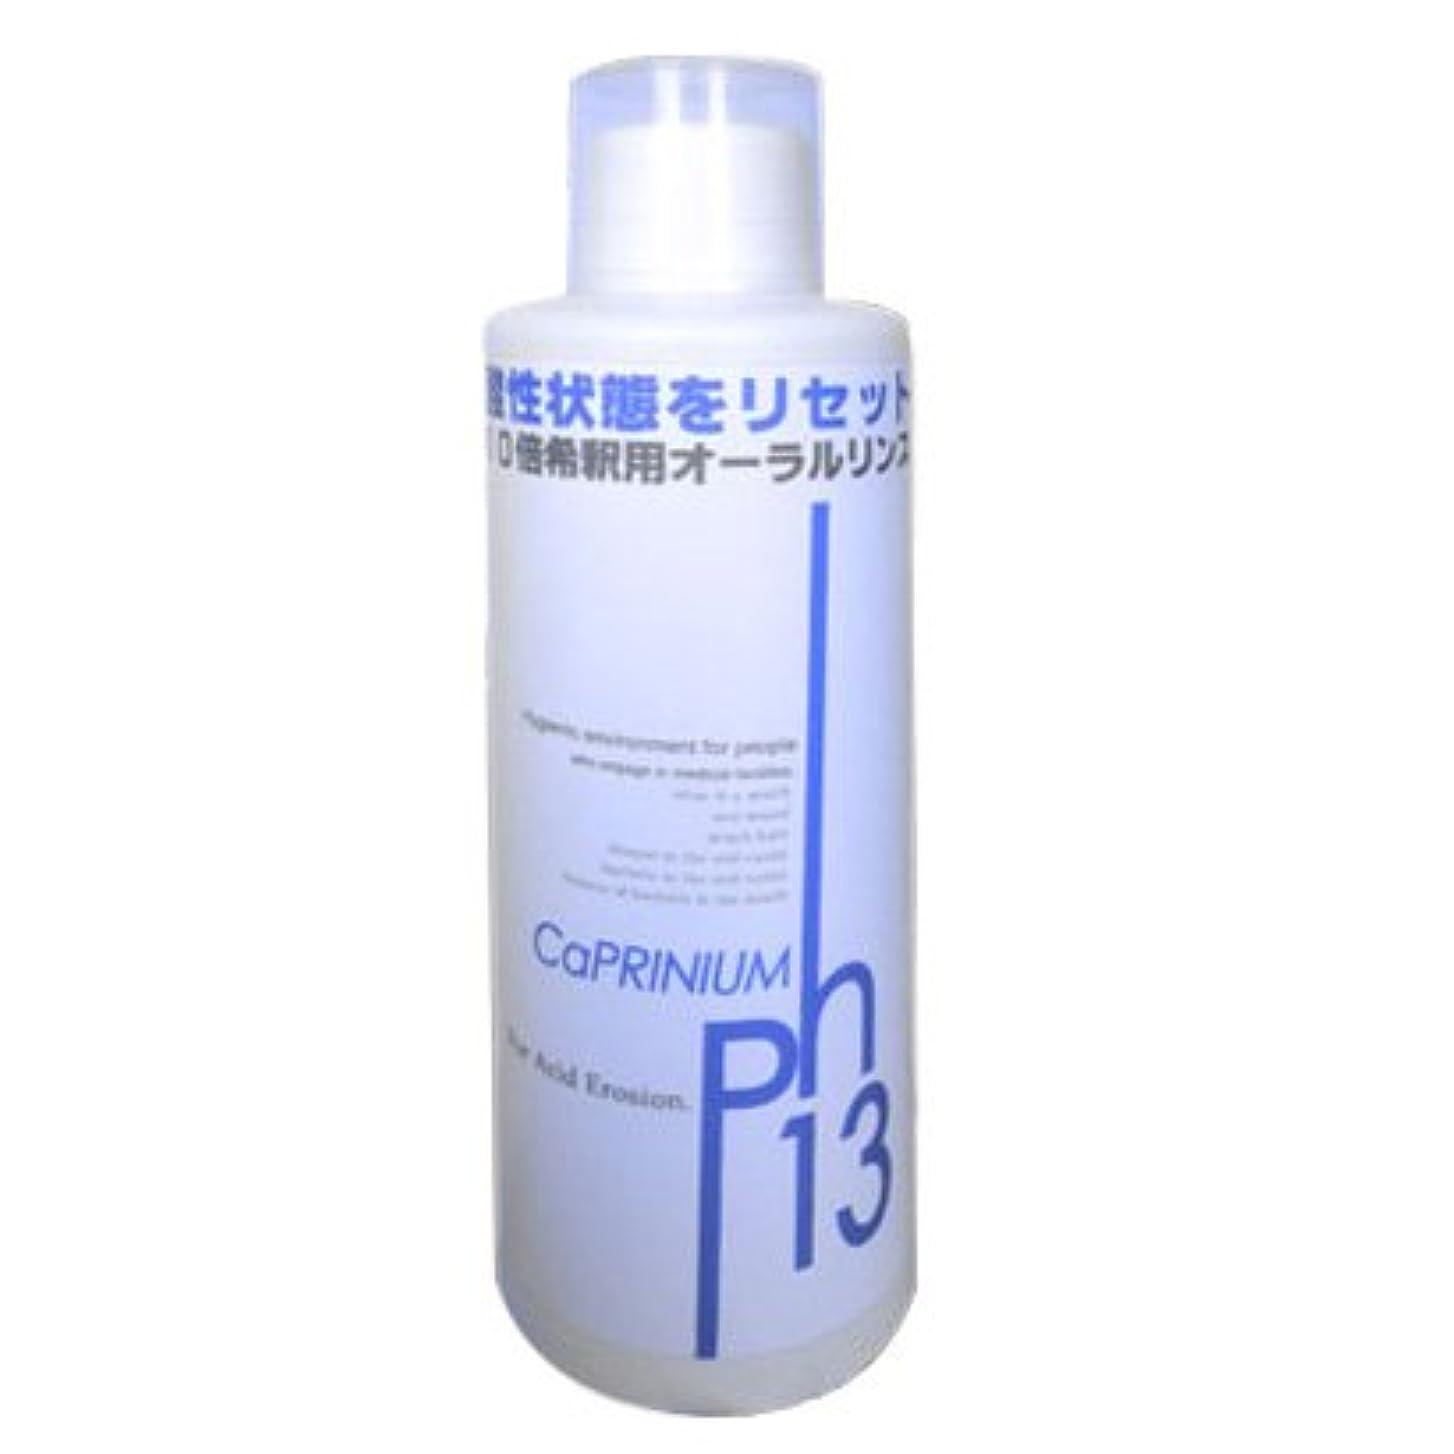 人質土曜日予約カプリニウム サーティーンリンス(CaPRINIUM 13)